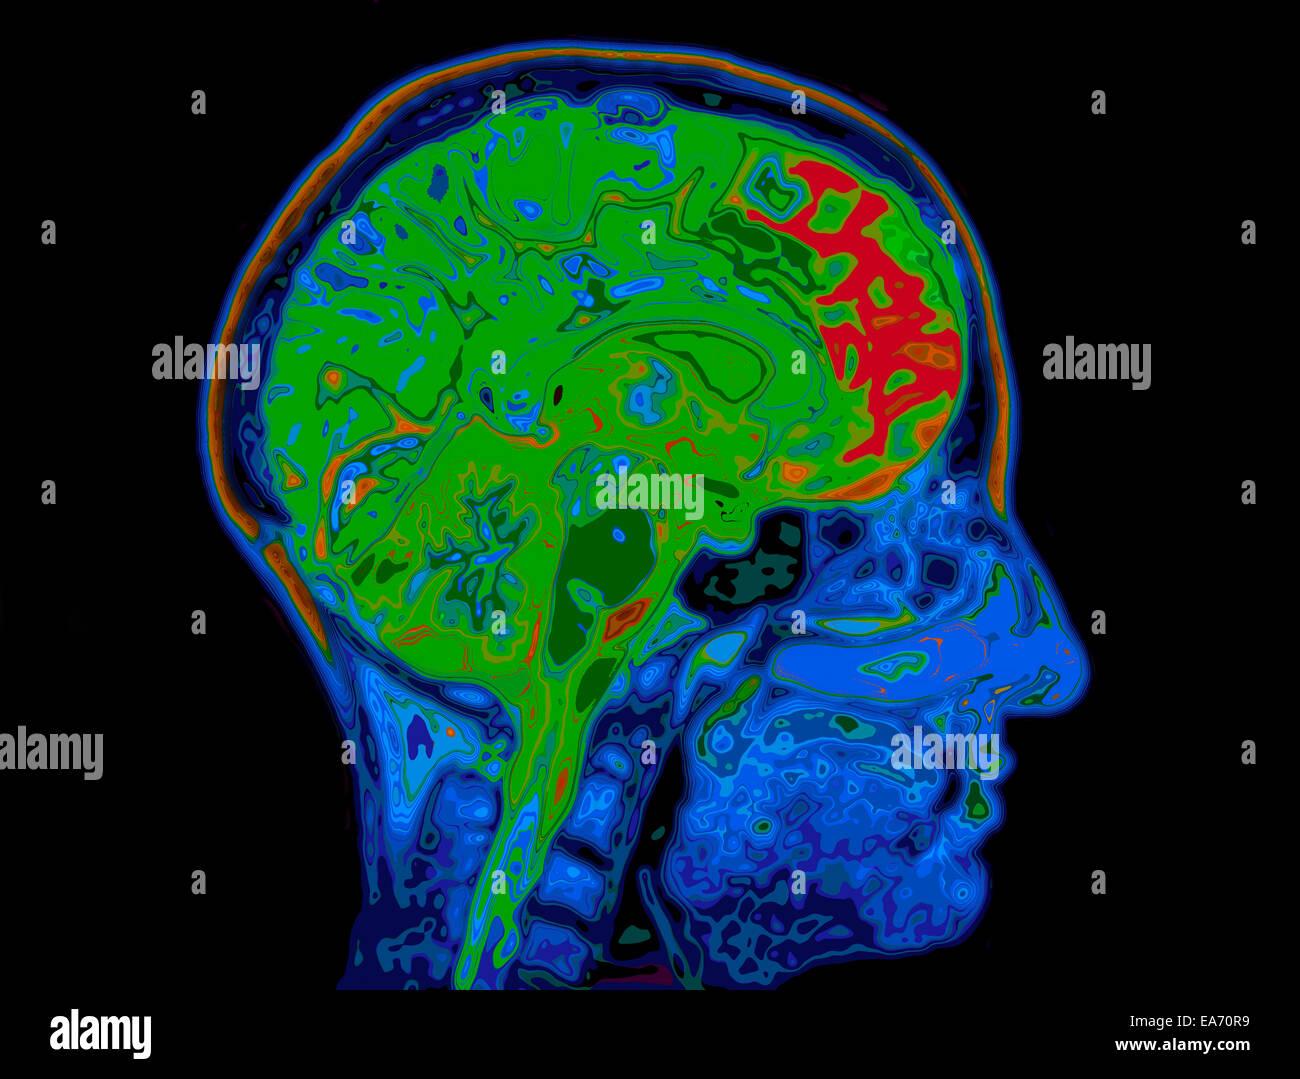 Brain Mri Dementia Stockfotos & Brain Mri Dementia Bilder - Alamy